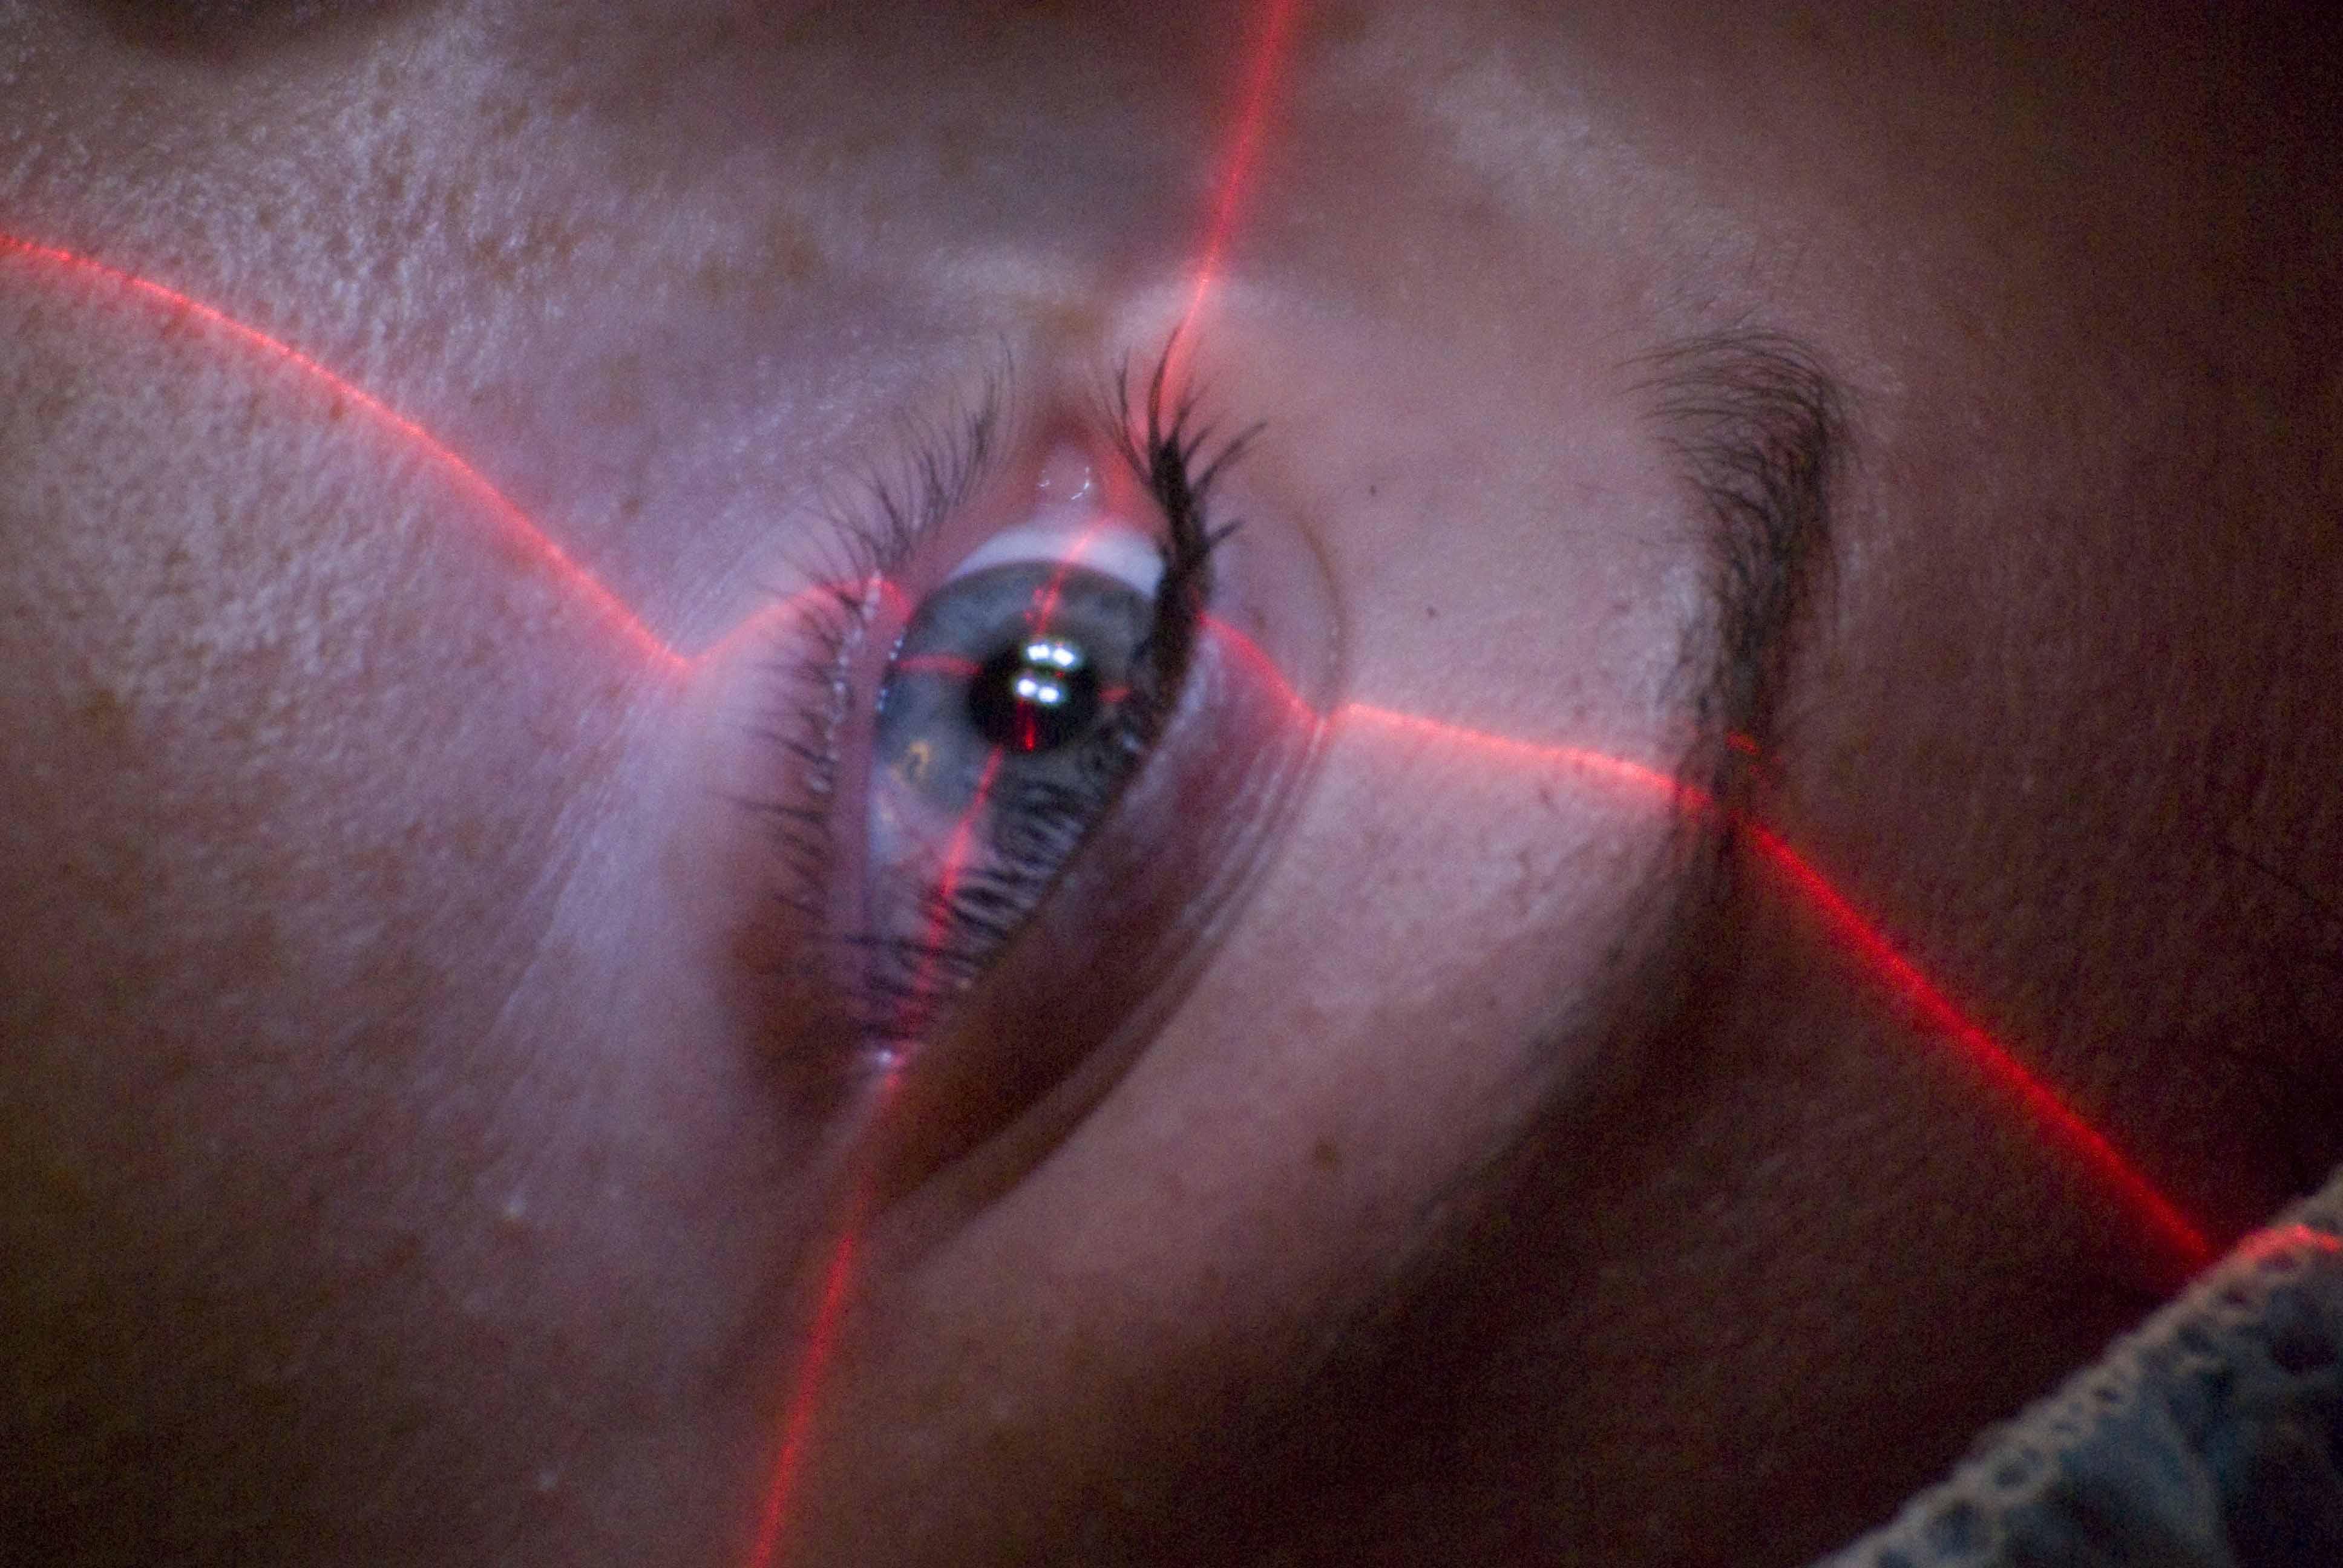 Öt kevésbé ismert tény a lézeres szemműtétről - Szemünk Világa 1fd2ca201a